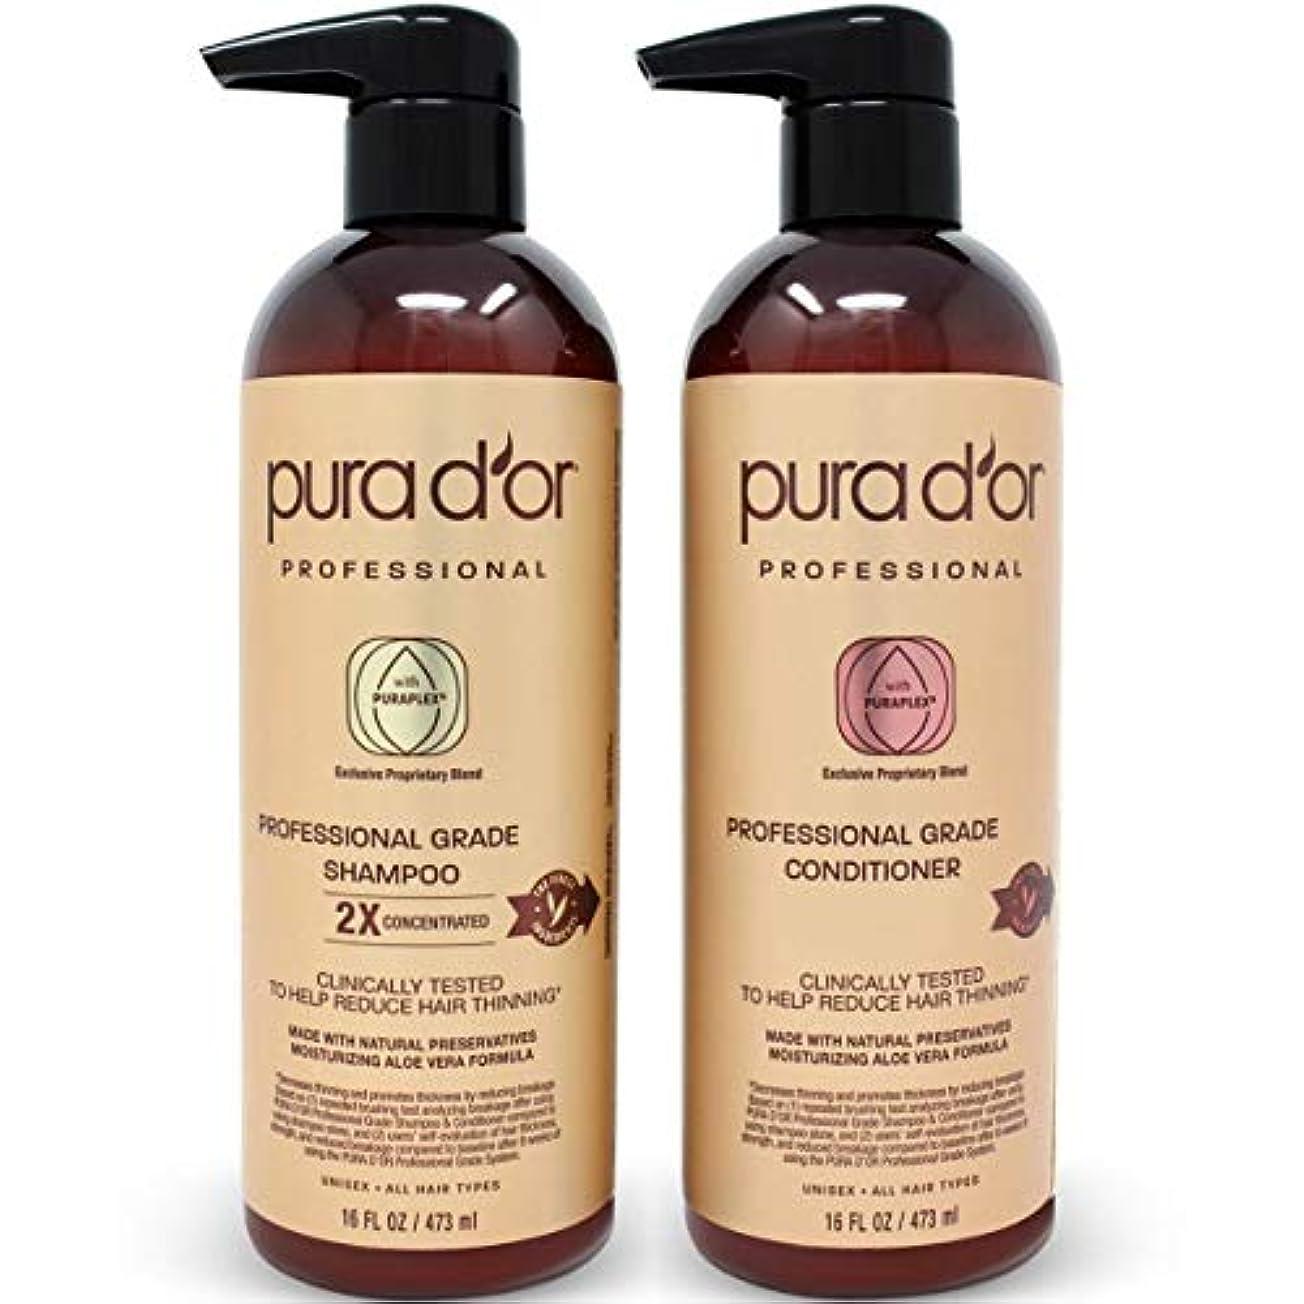 工業化するキャッシュ会話型PURA D'OR プロ仕様 薄毛予防 2倍濃縮成分 シャンプー&コンディショナー、硫酸系化合物不使用、天然原料、臨床検査済み、全ての髪タイプに、男性&女性用(パッケージは異なる場合があります) コンボ(シャンプー&コンディショナー)